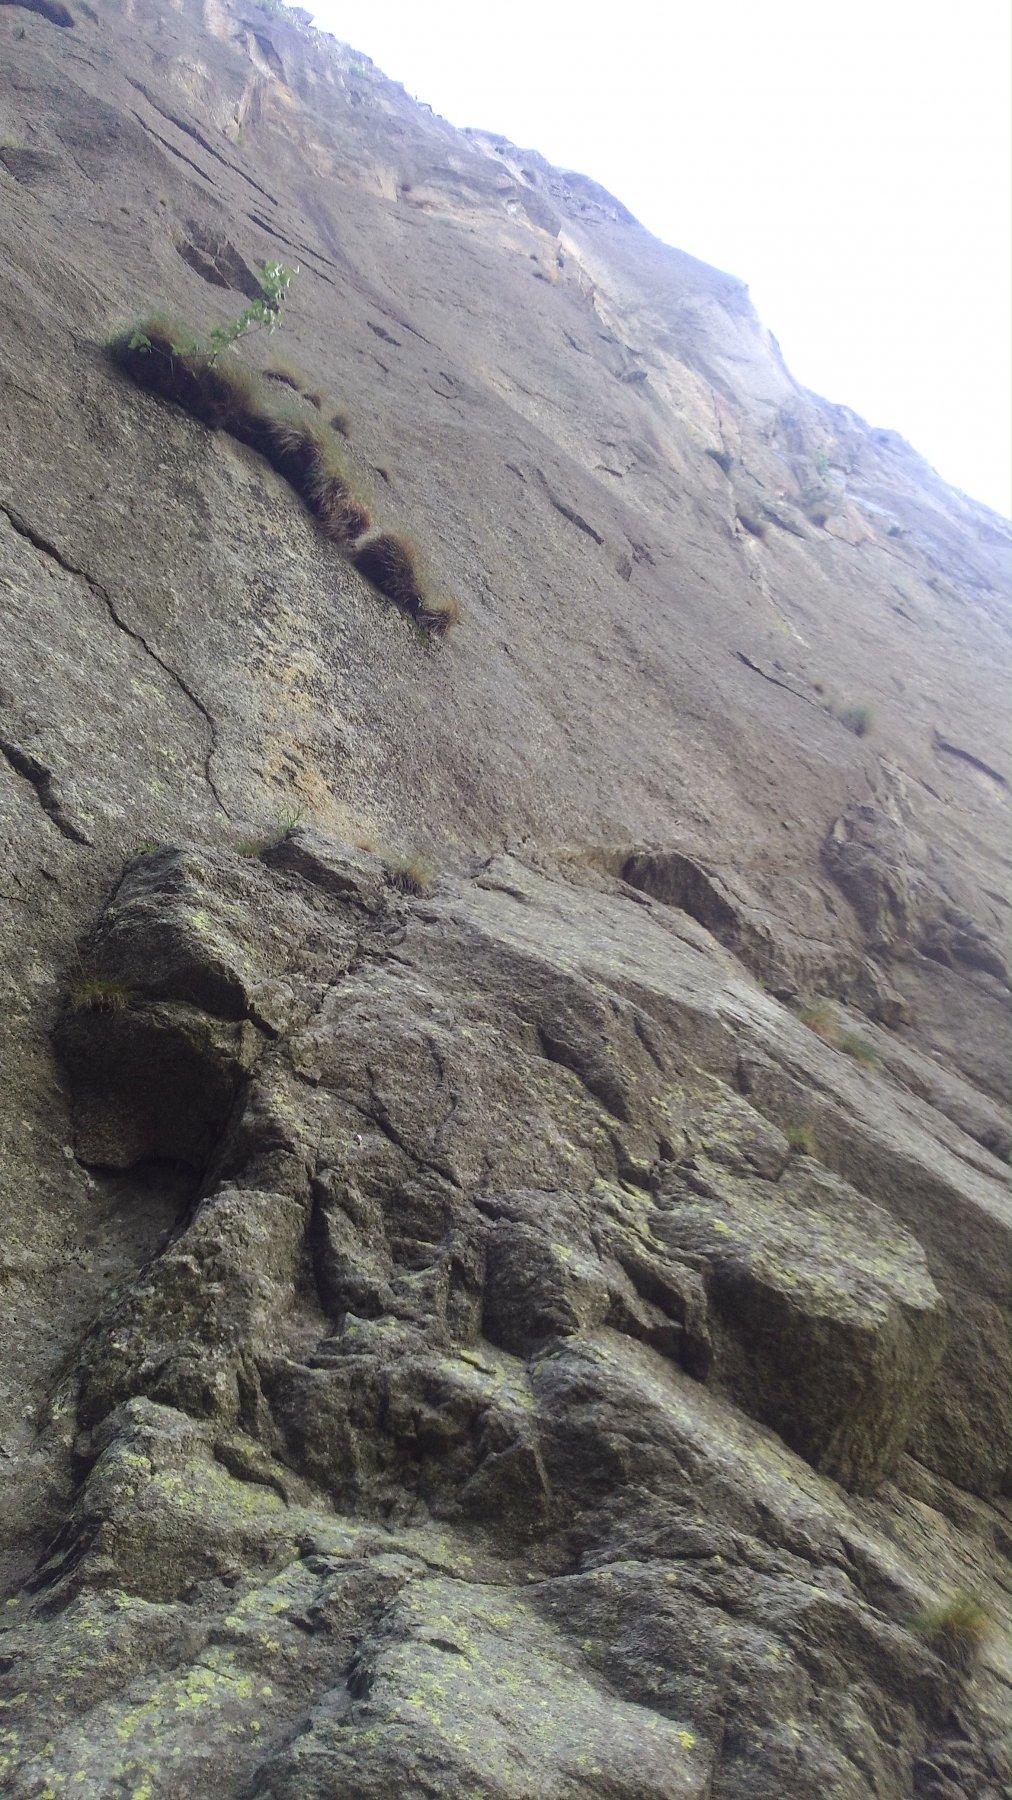 La via vista dal basso. Segue la fessura, ad arco verso destra, che poi si raddrizza.